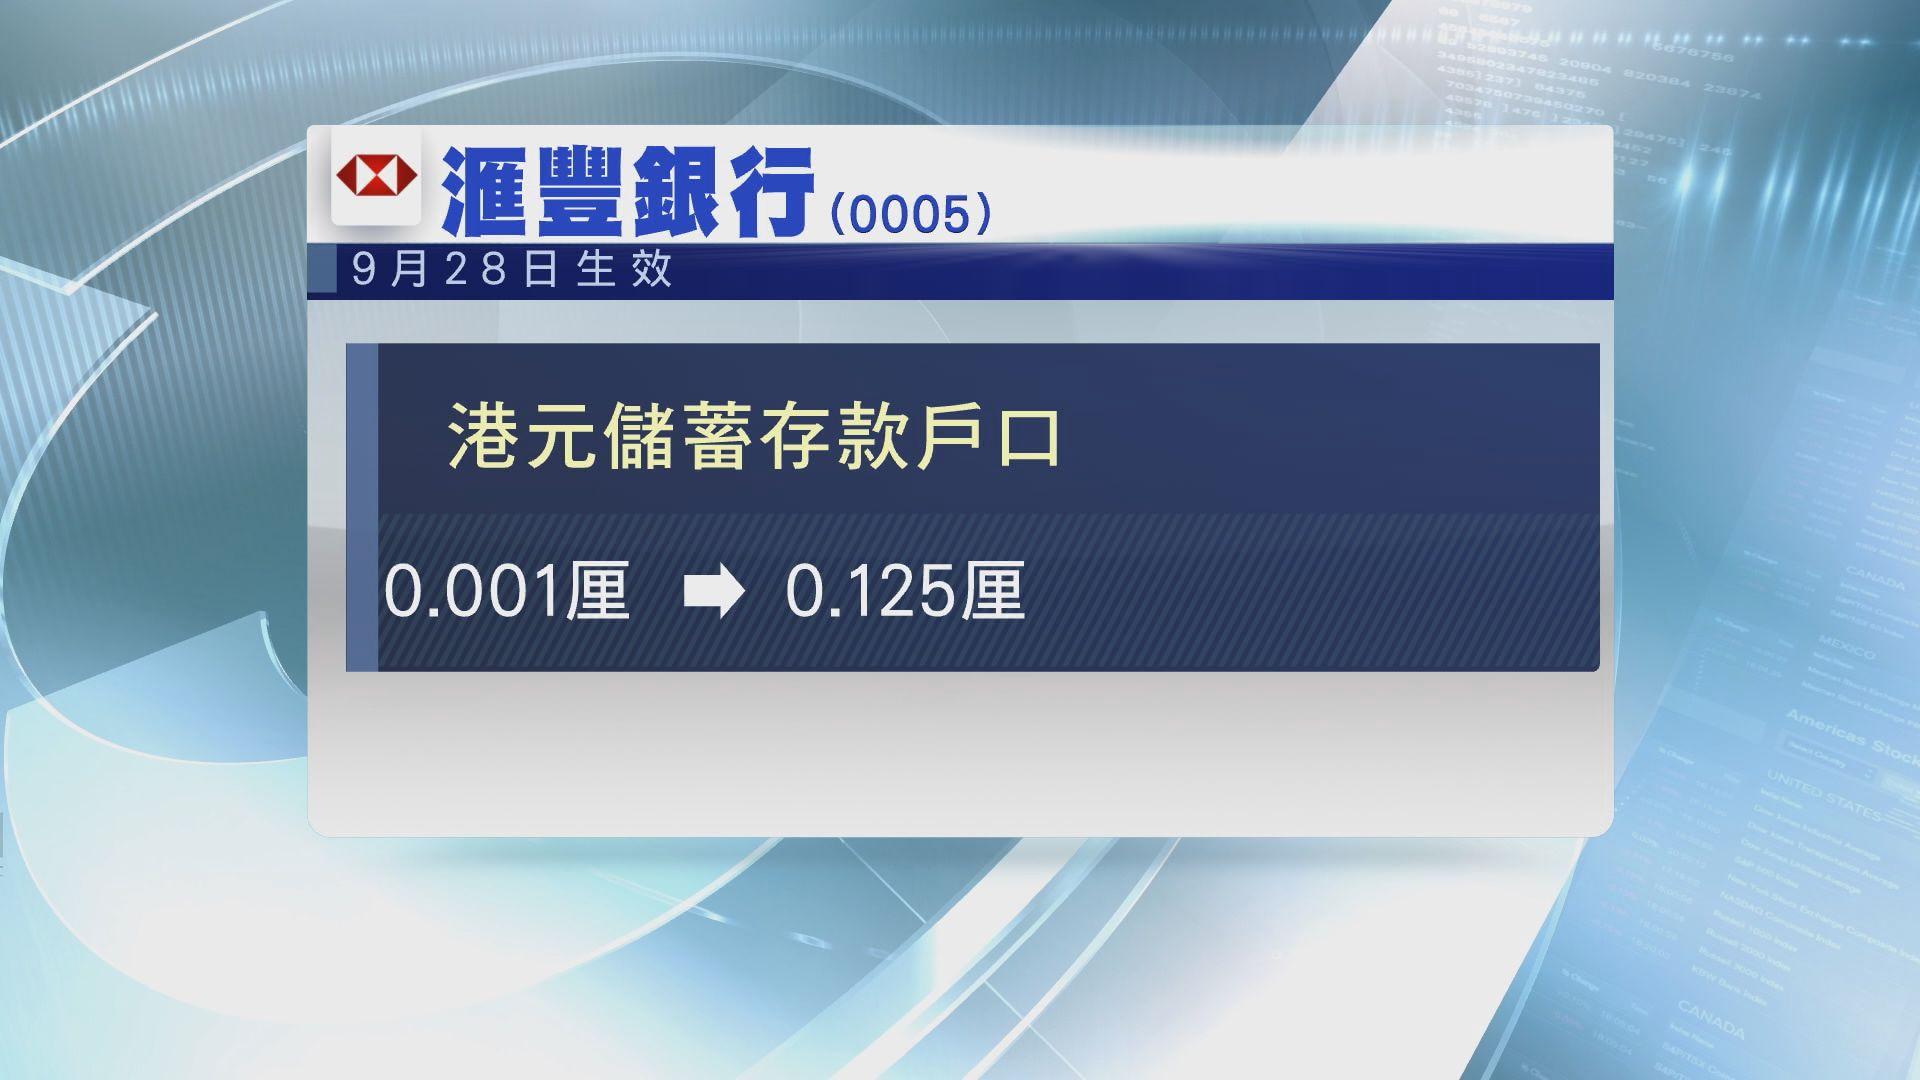 【香港加息】滙豐12年來首加P息0.125厘 恒生渣打跟加